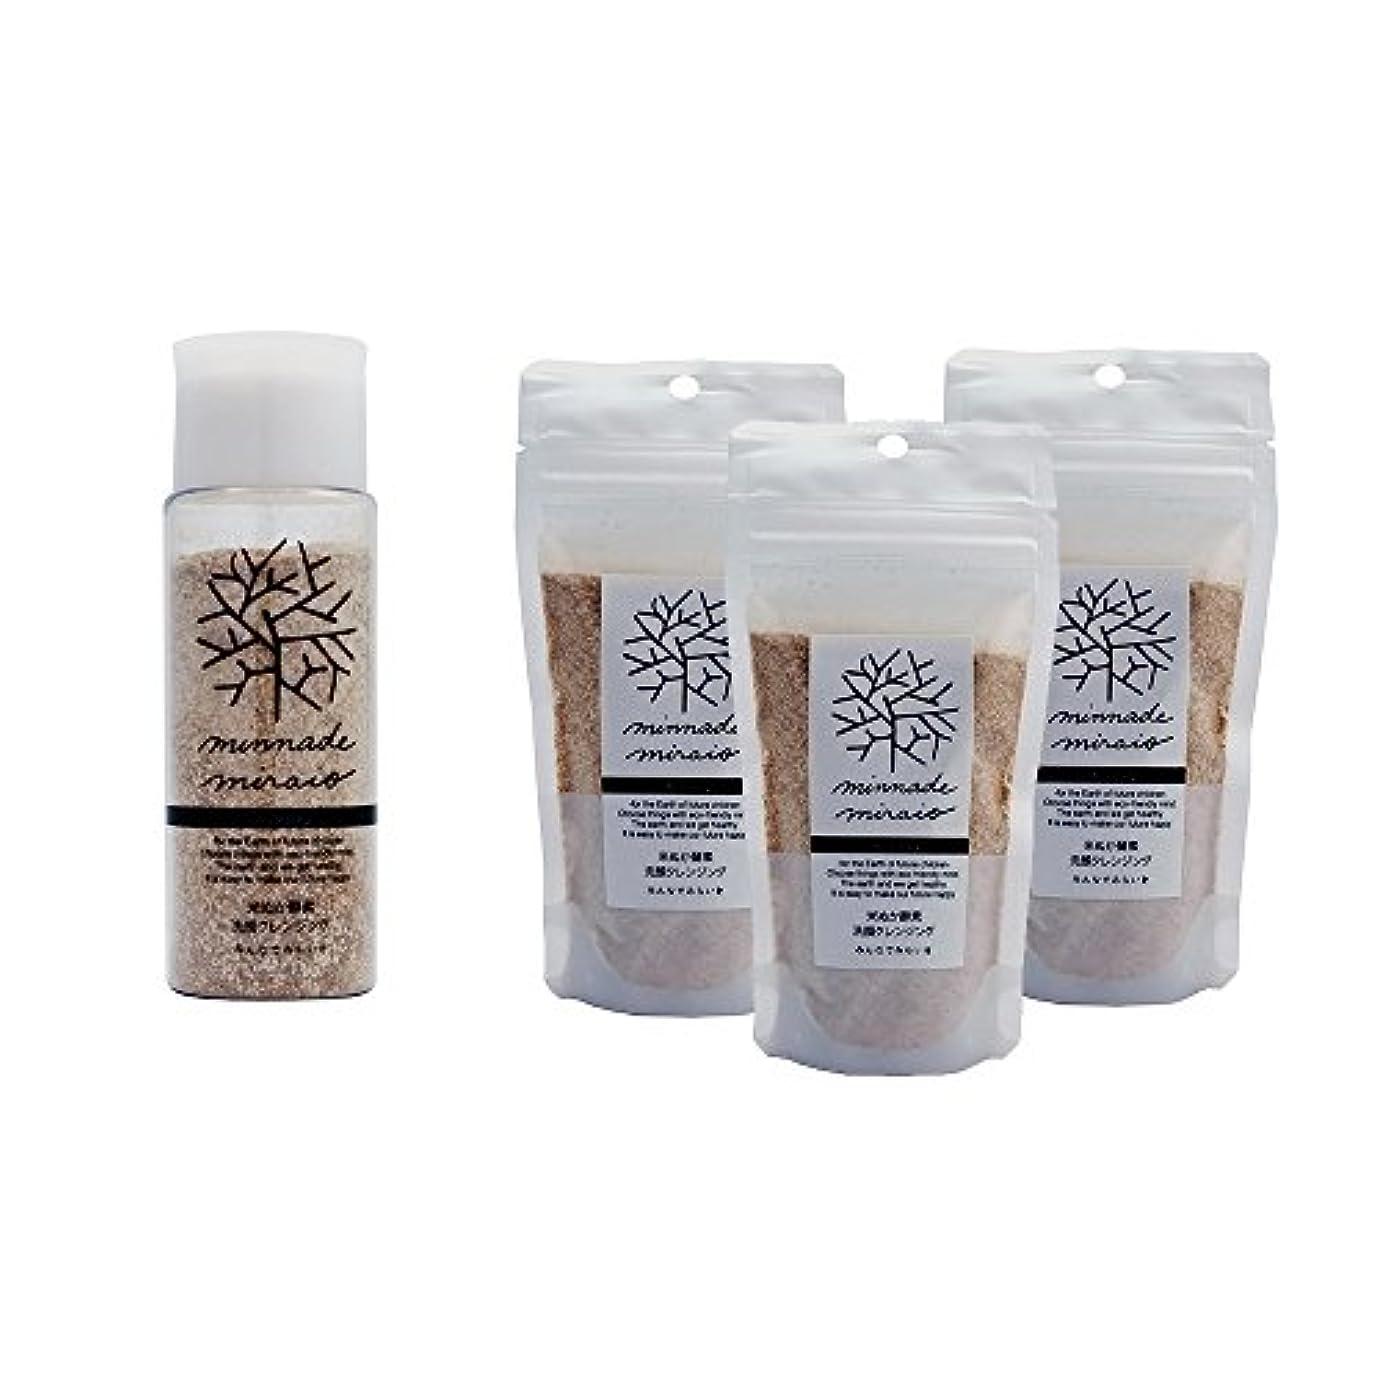 春巻き取り許容できるみんなでみらいを 100%無添加 米ぬか酵素洗顔クレンジング 容器入りと詰替え3パックのセット